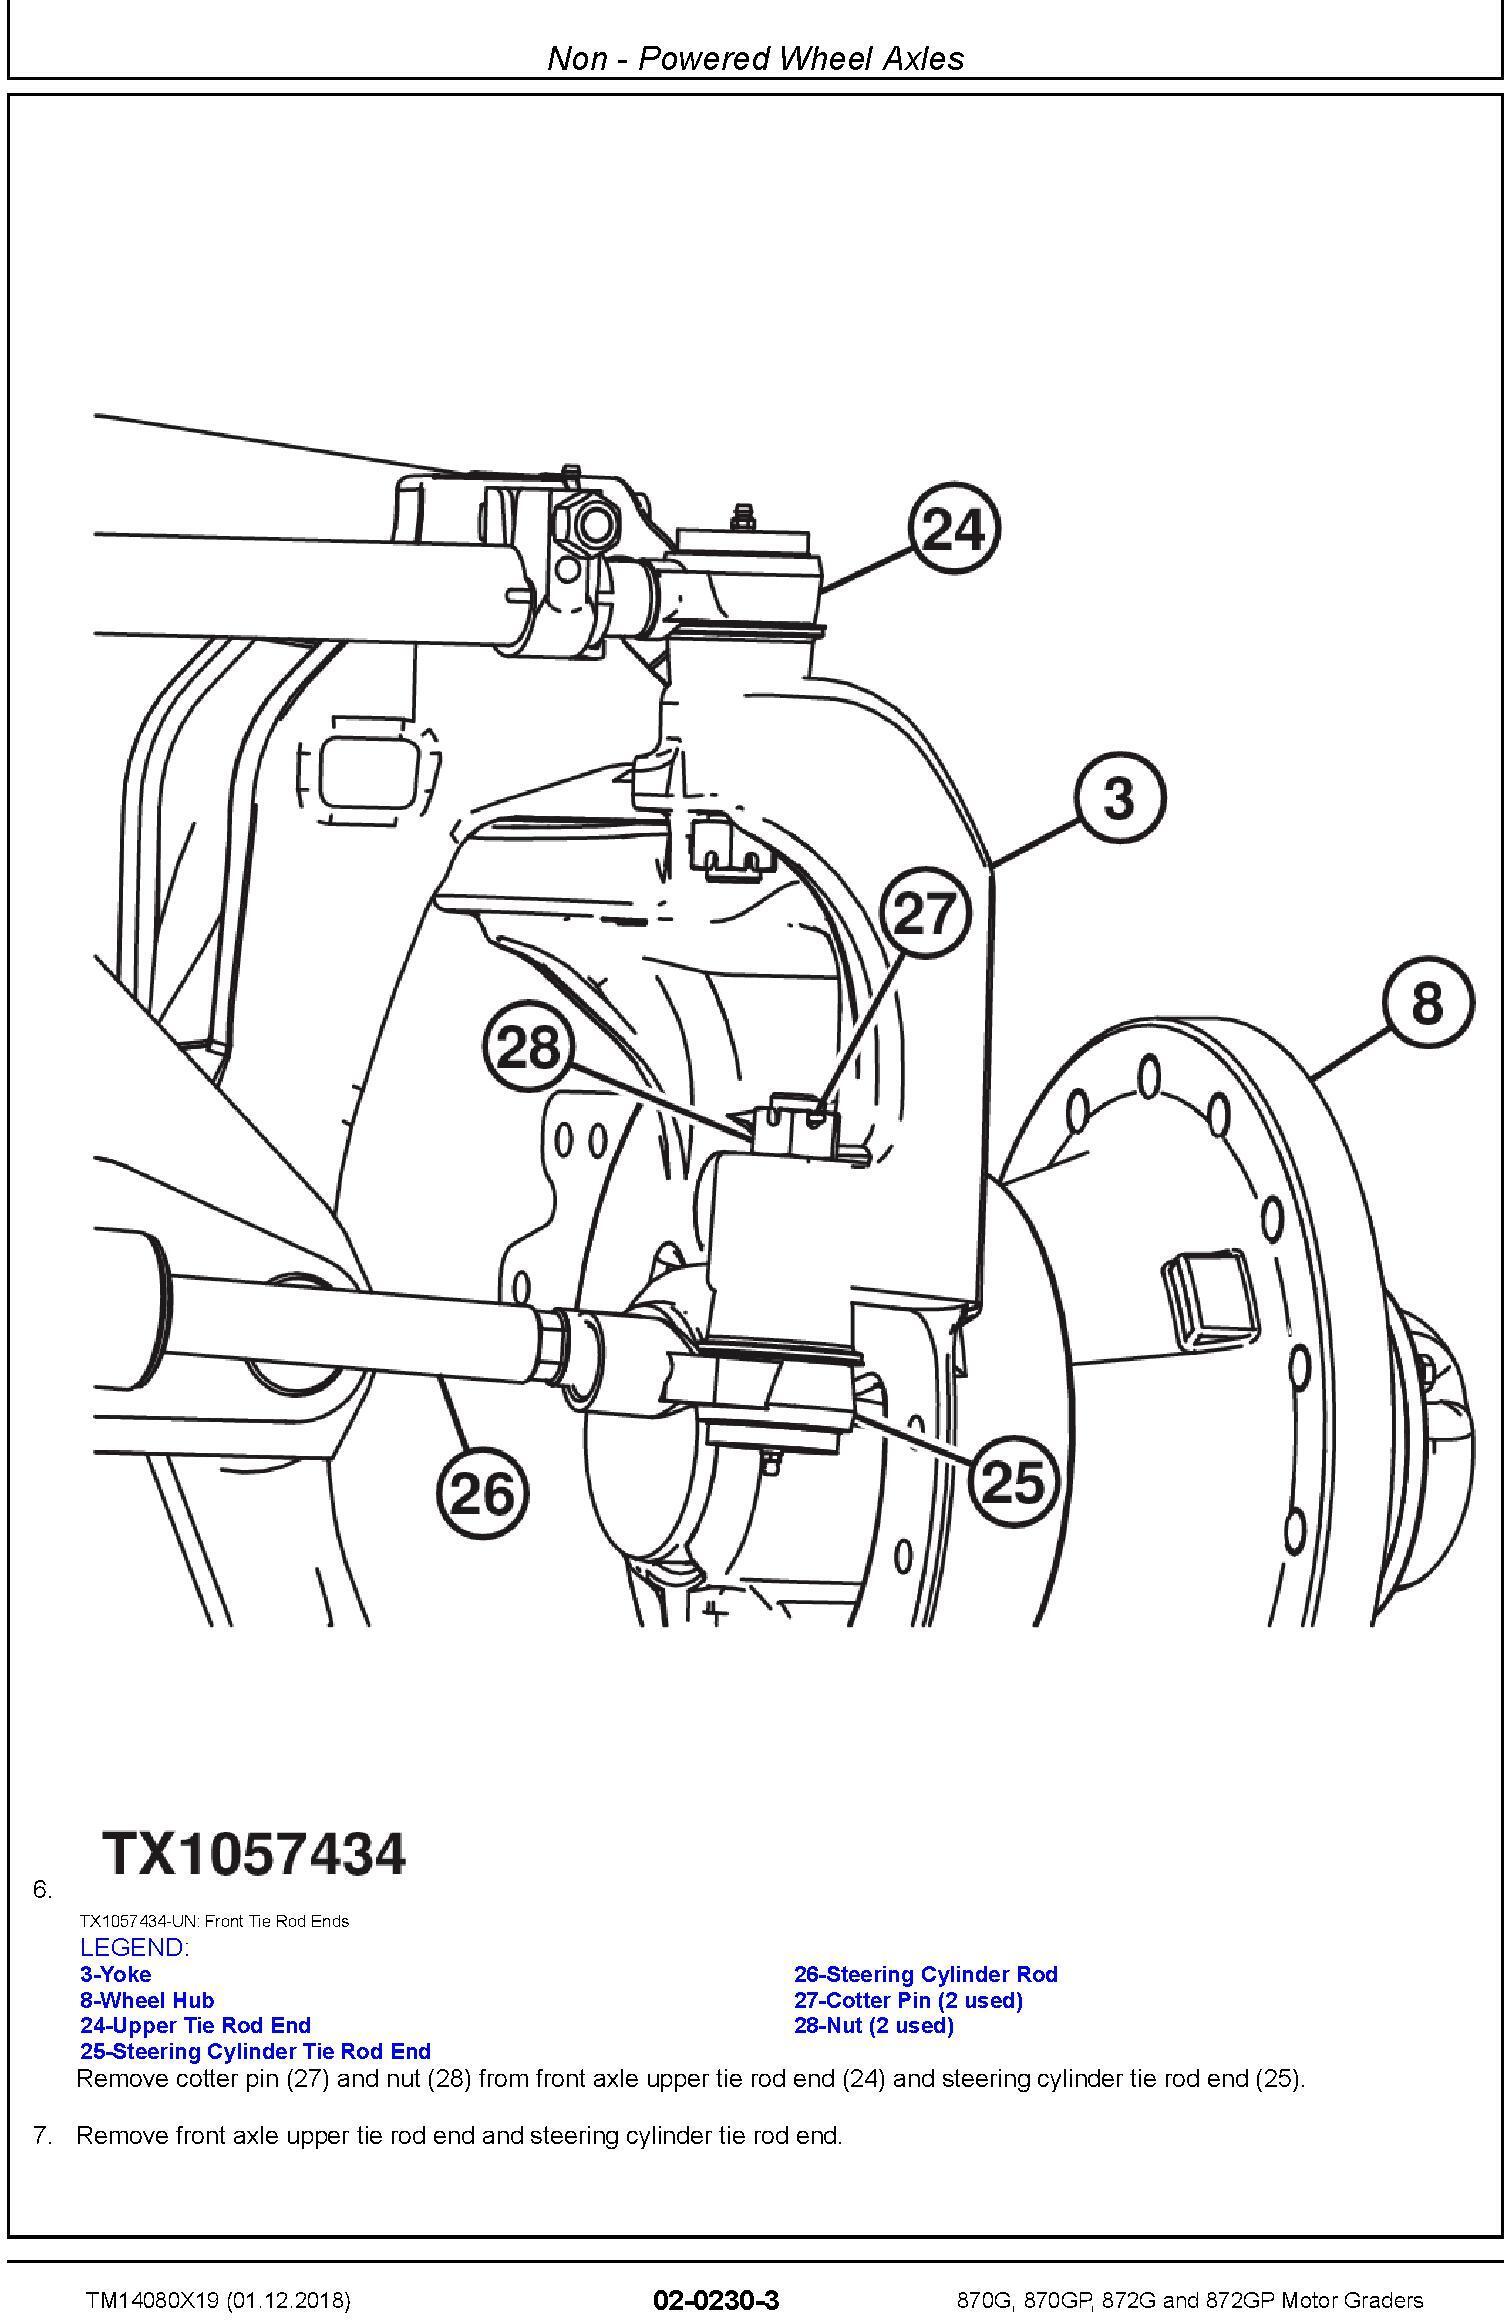 John Deere 870G, 870GP, 872G, 872GP (SN. C678818-680877) Motor Graders Repair Manual (TM14080X19) - 1